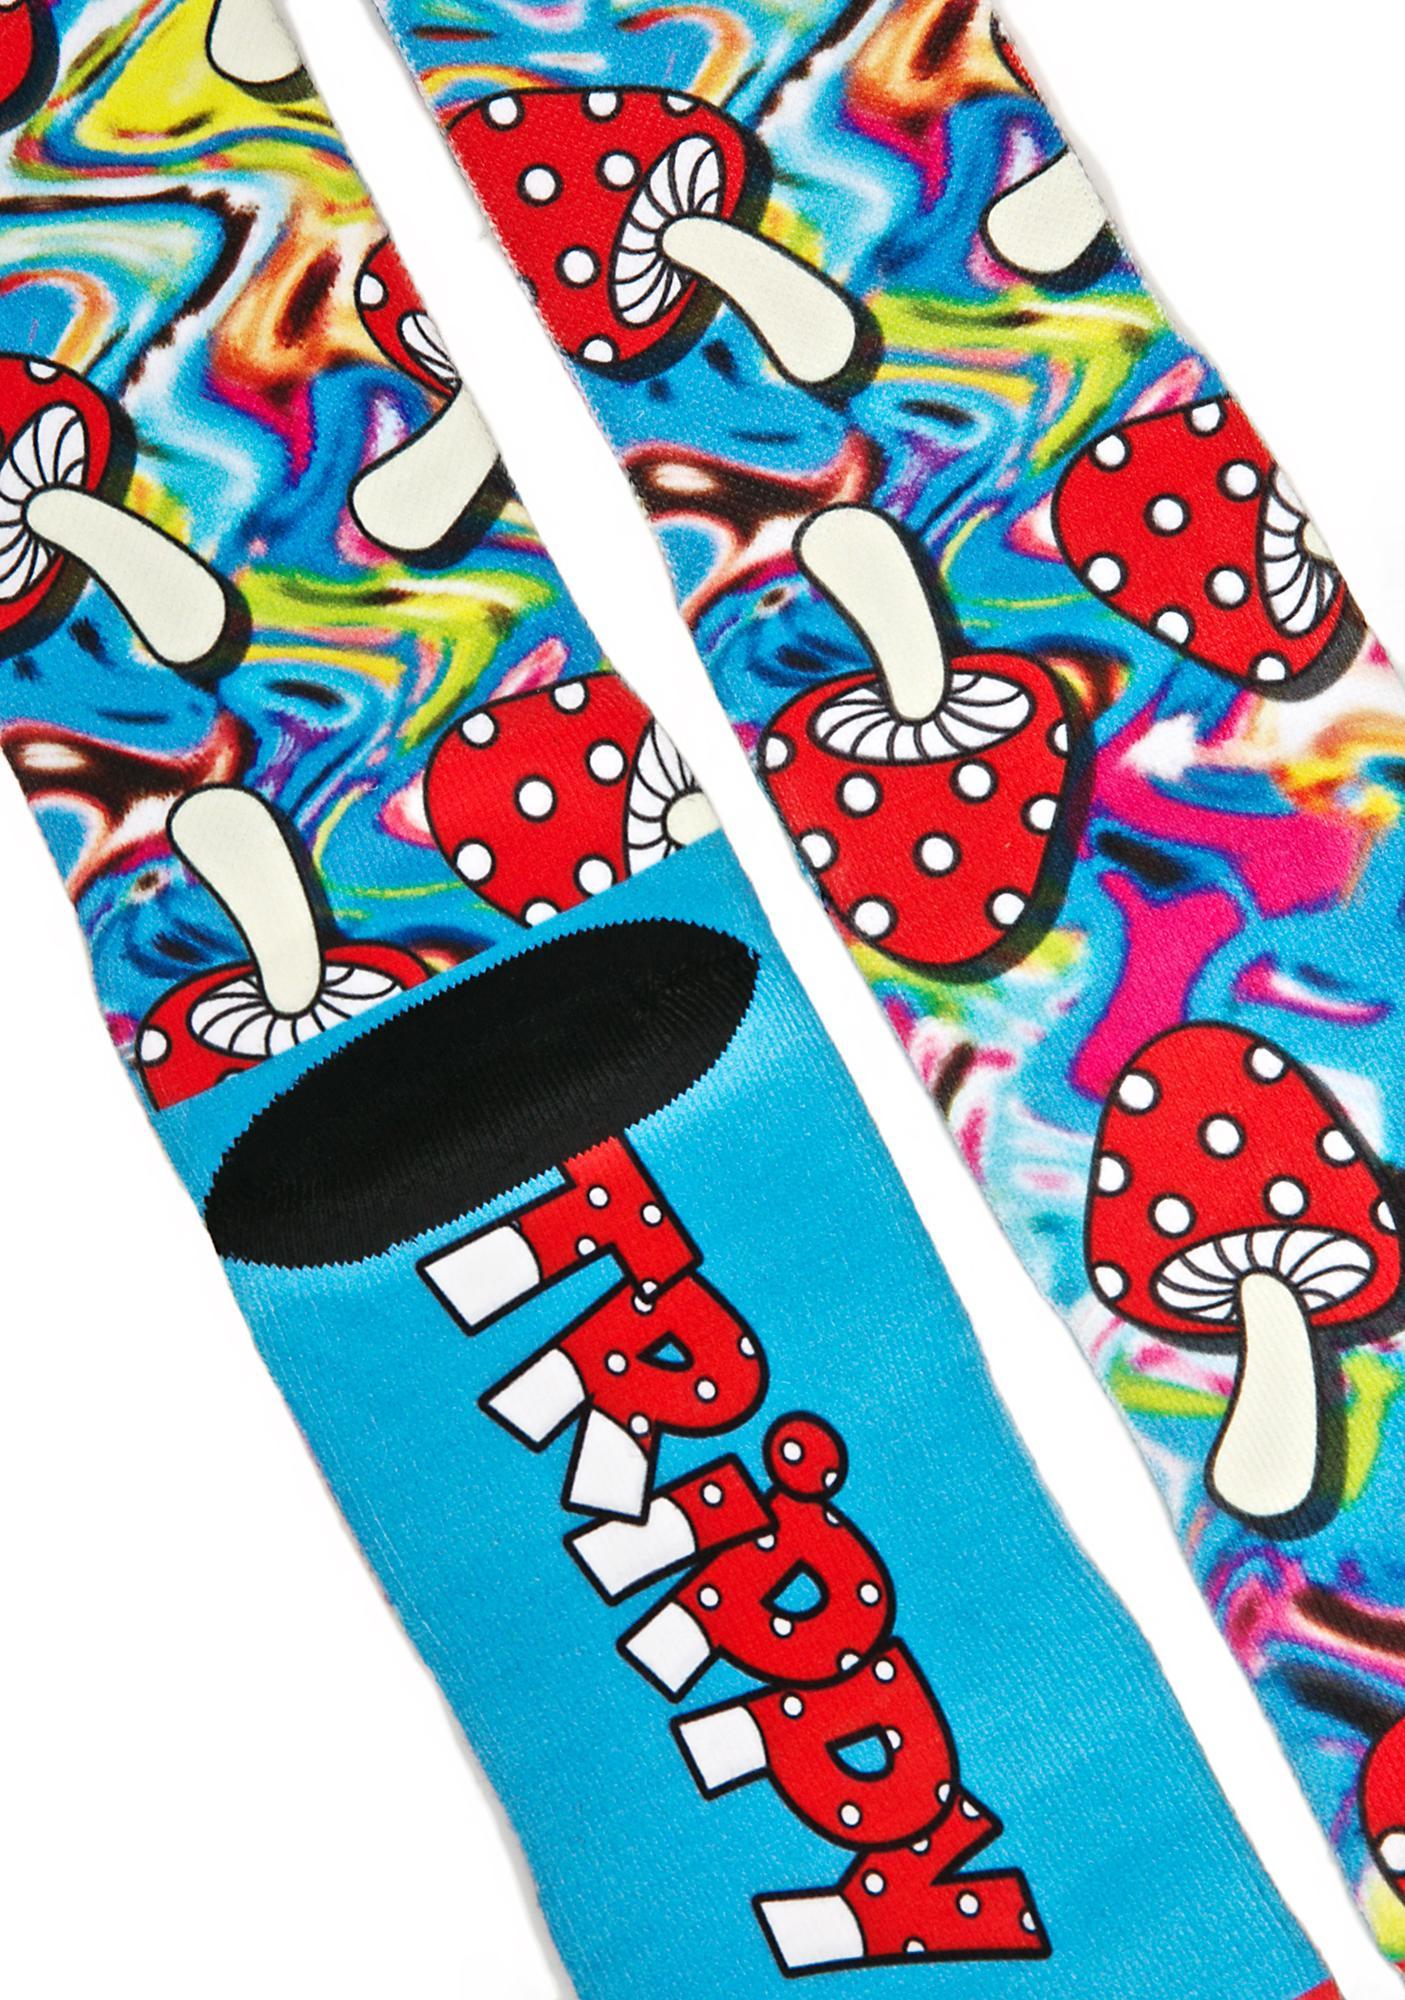 Odd Sox Shrooms Socks